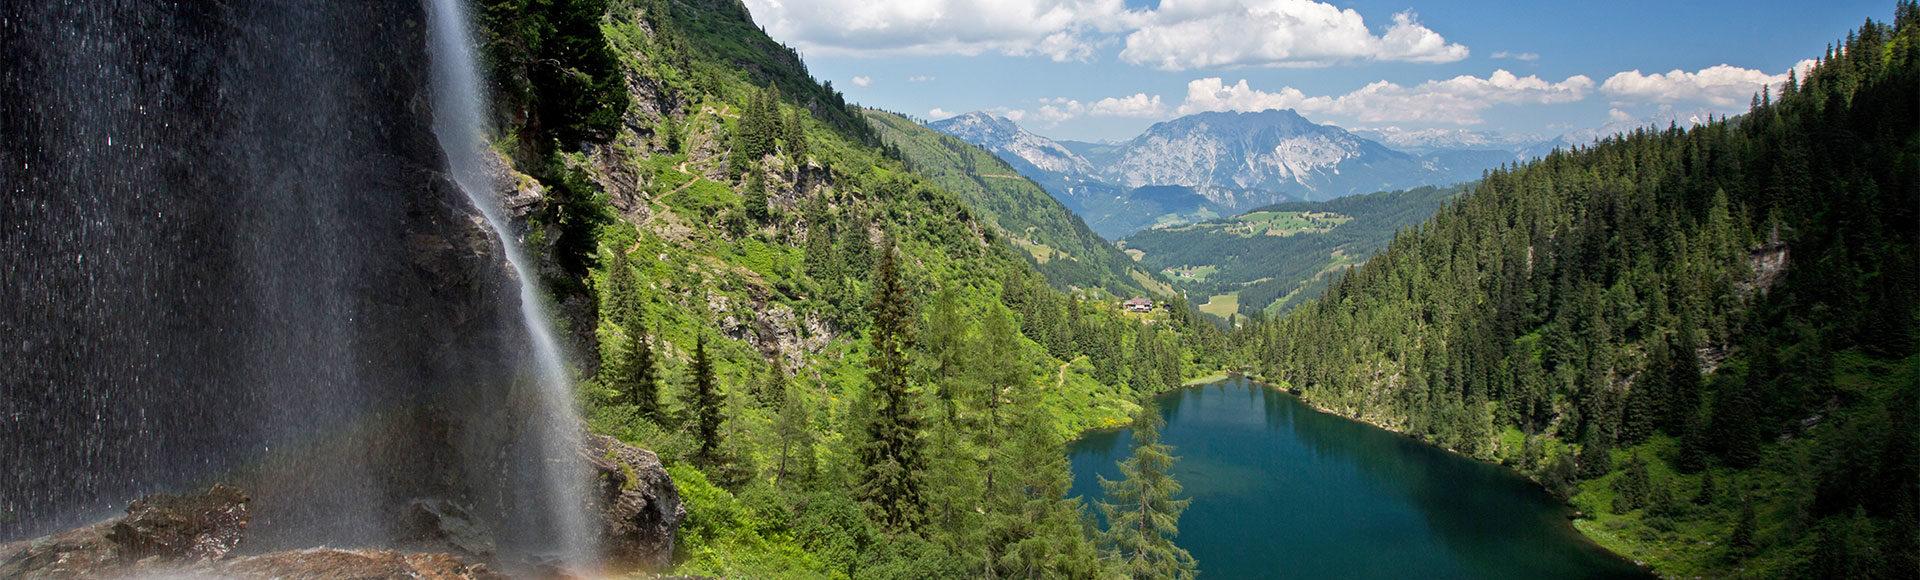 Stadt Graz - Ausflugsziel in der Steiermark